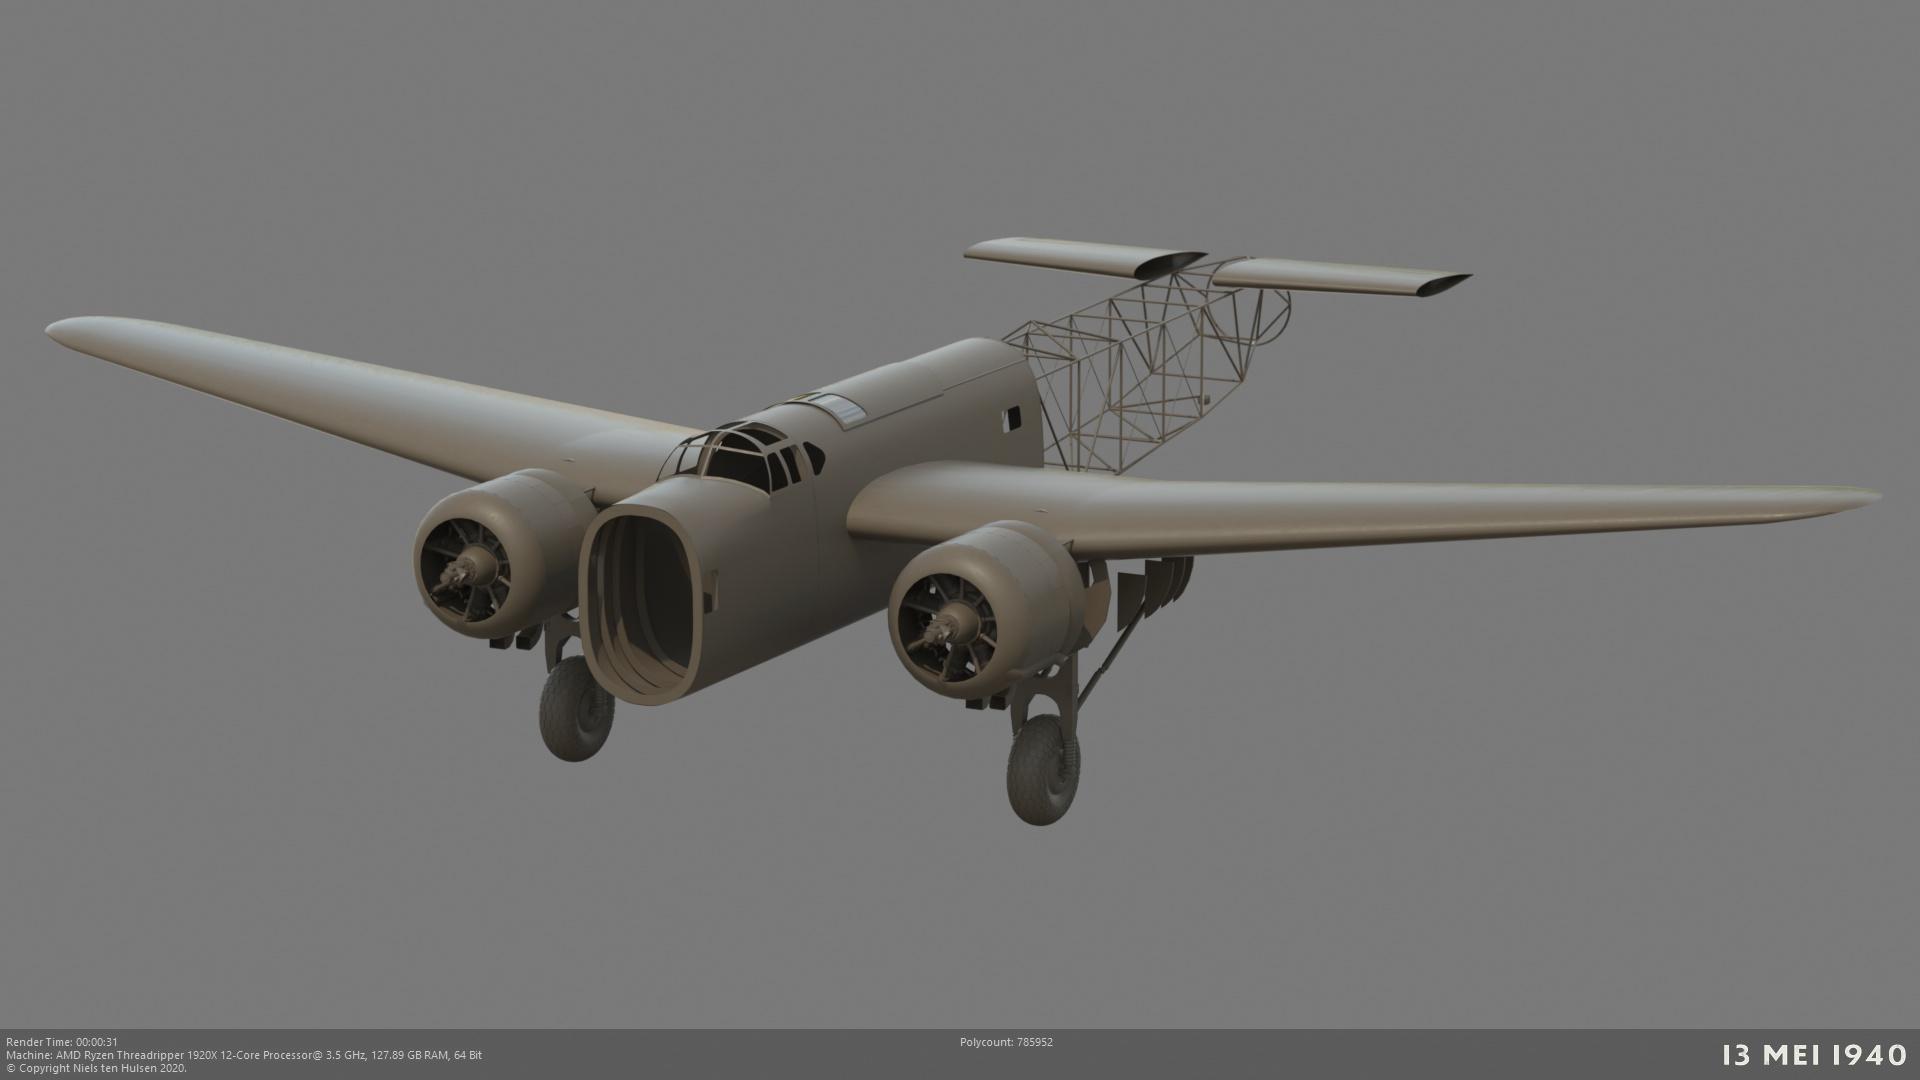 Naam: 001_FokkerT5_motor12.jpg Bekeken: 143 Grootte: 188,3 KB